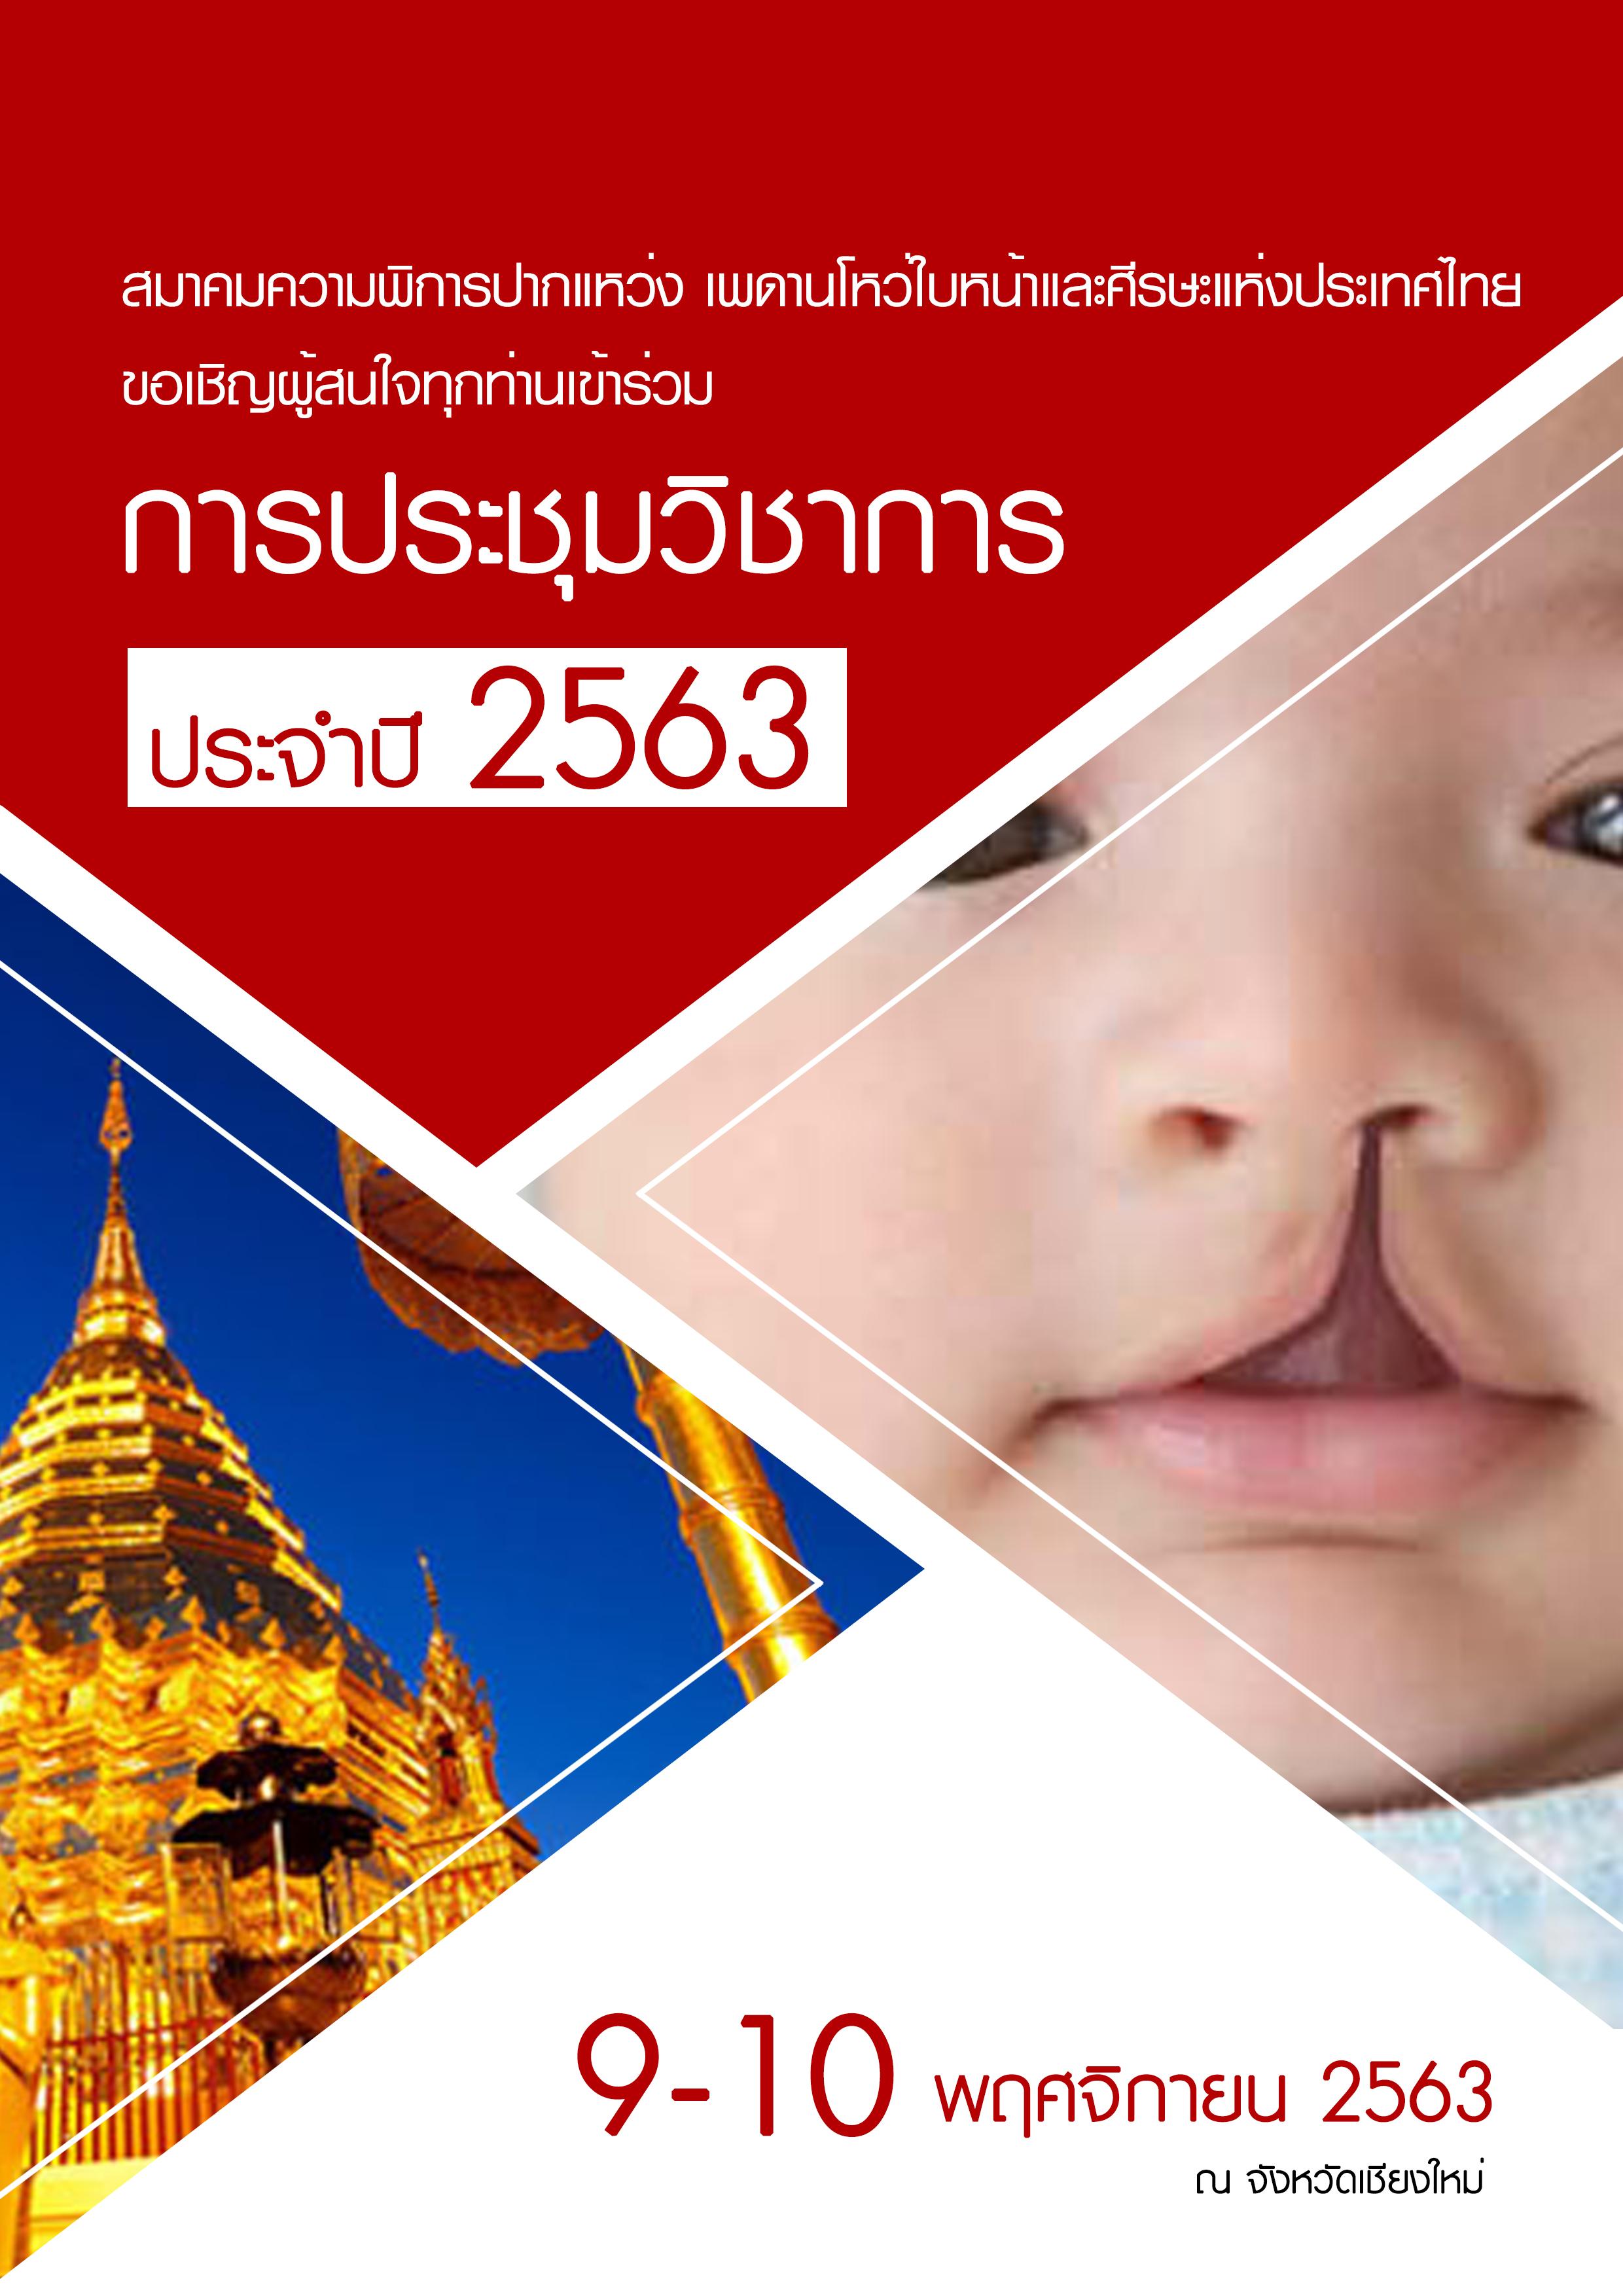 การประชุมประจำปี 2563 ของสมาคมความพิการปากแหว่งเพดานโหว่ฯ